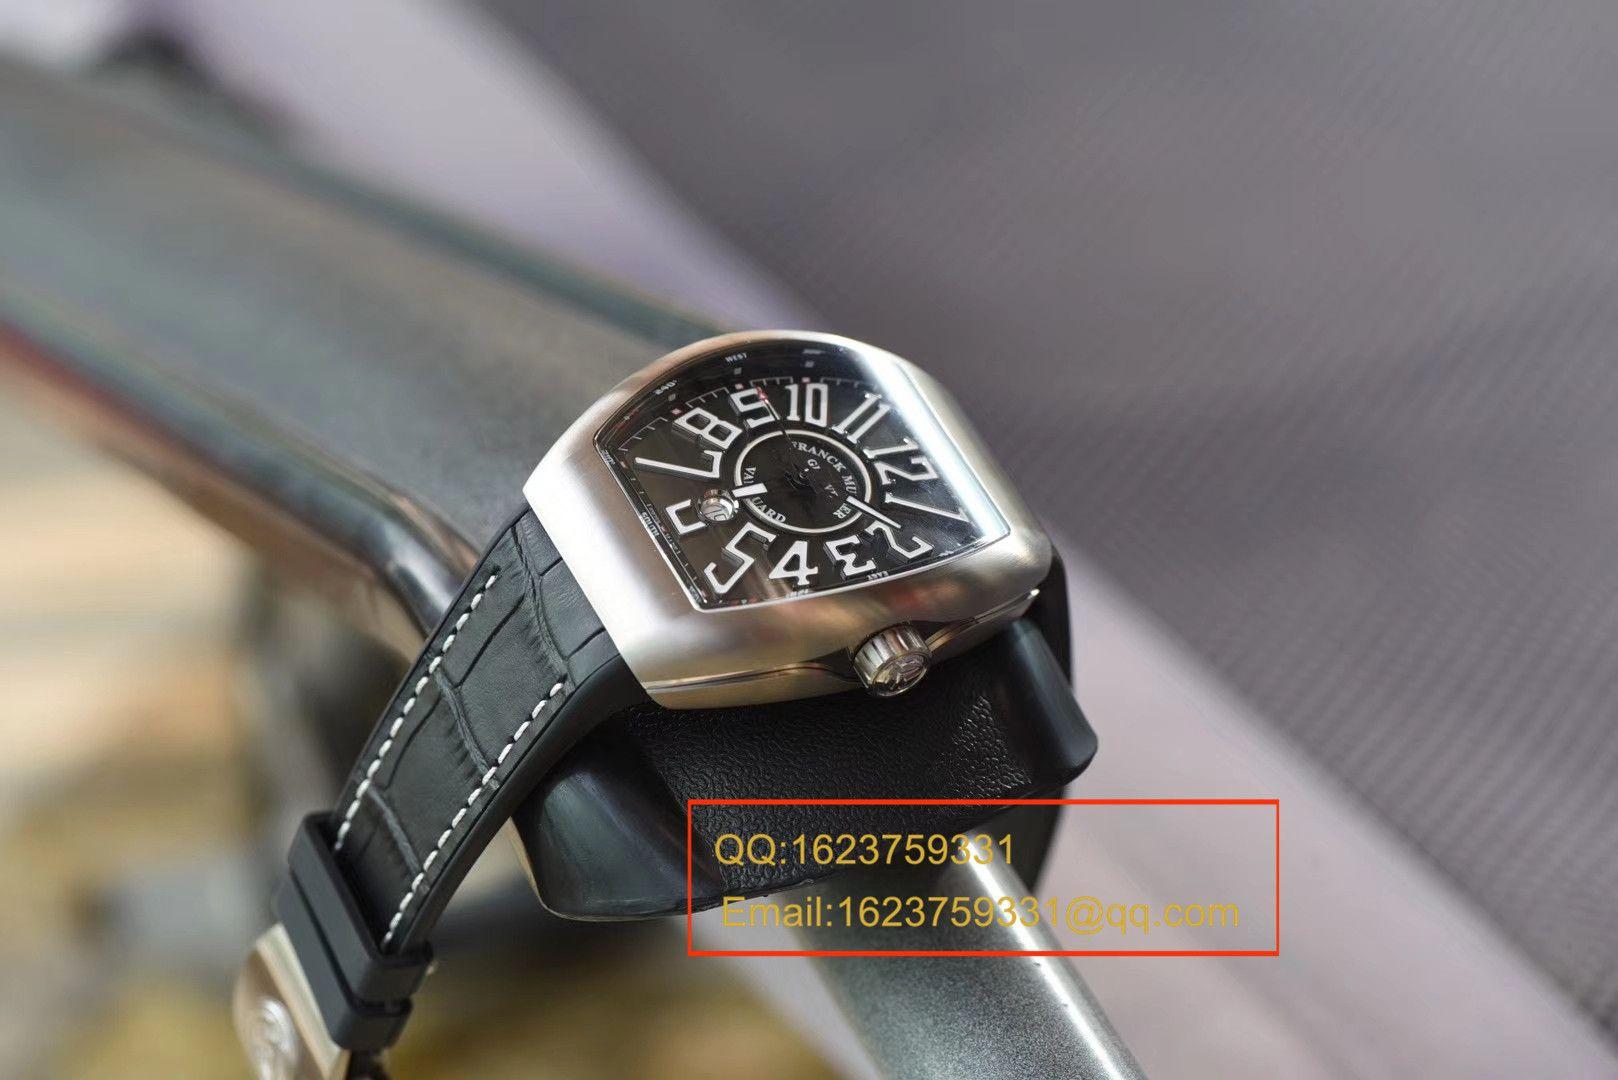 【视频评测TF一比一超A高仿手表】法兰克穆勒VANGUARD系列V 45 S S6腕表 / FLBH017